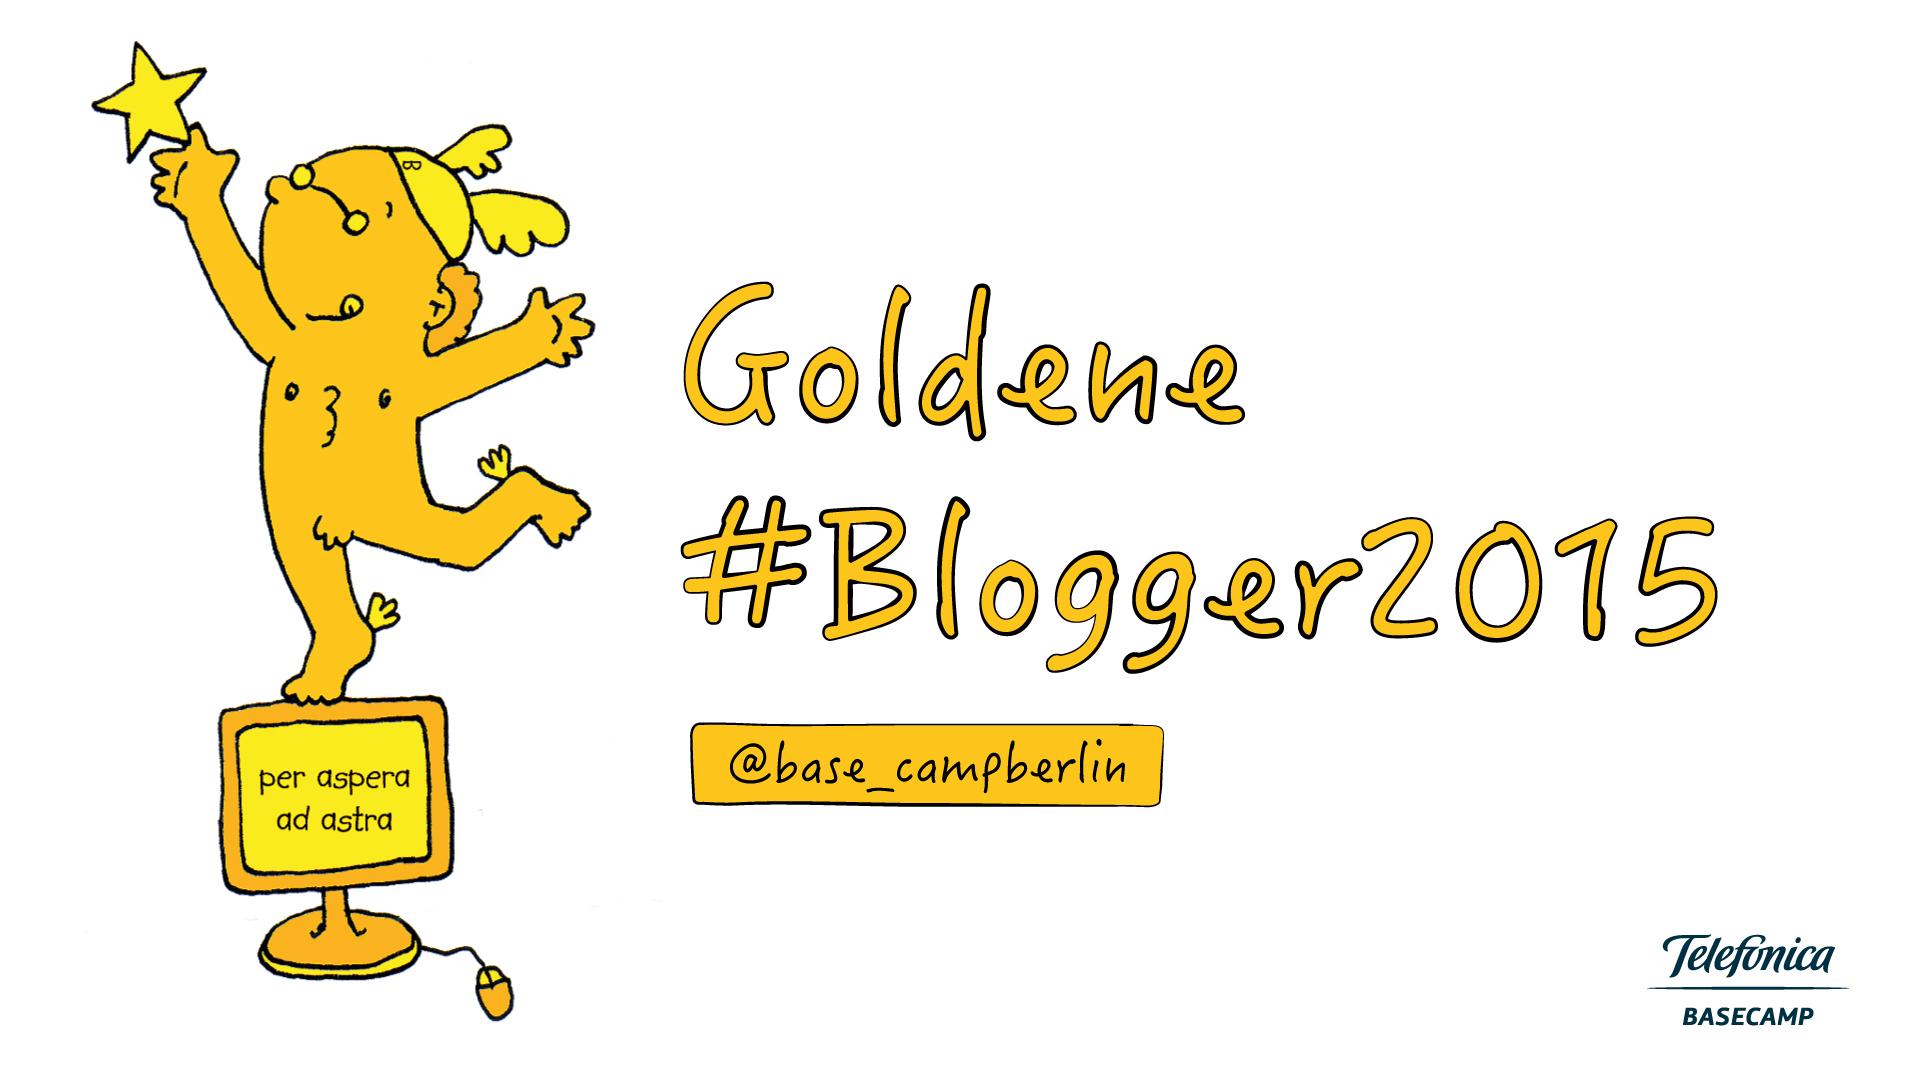 Basecamp Goldene Blogger